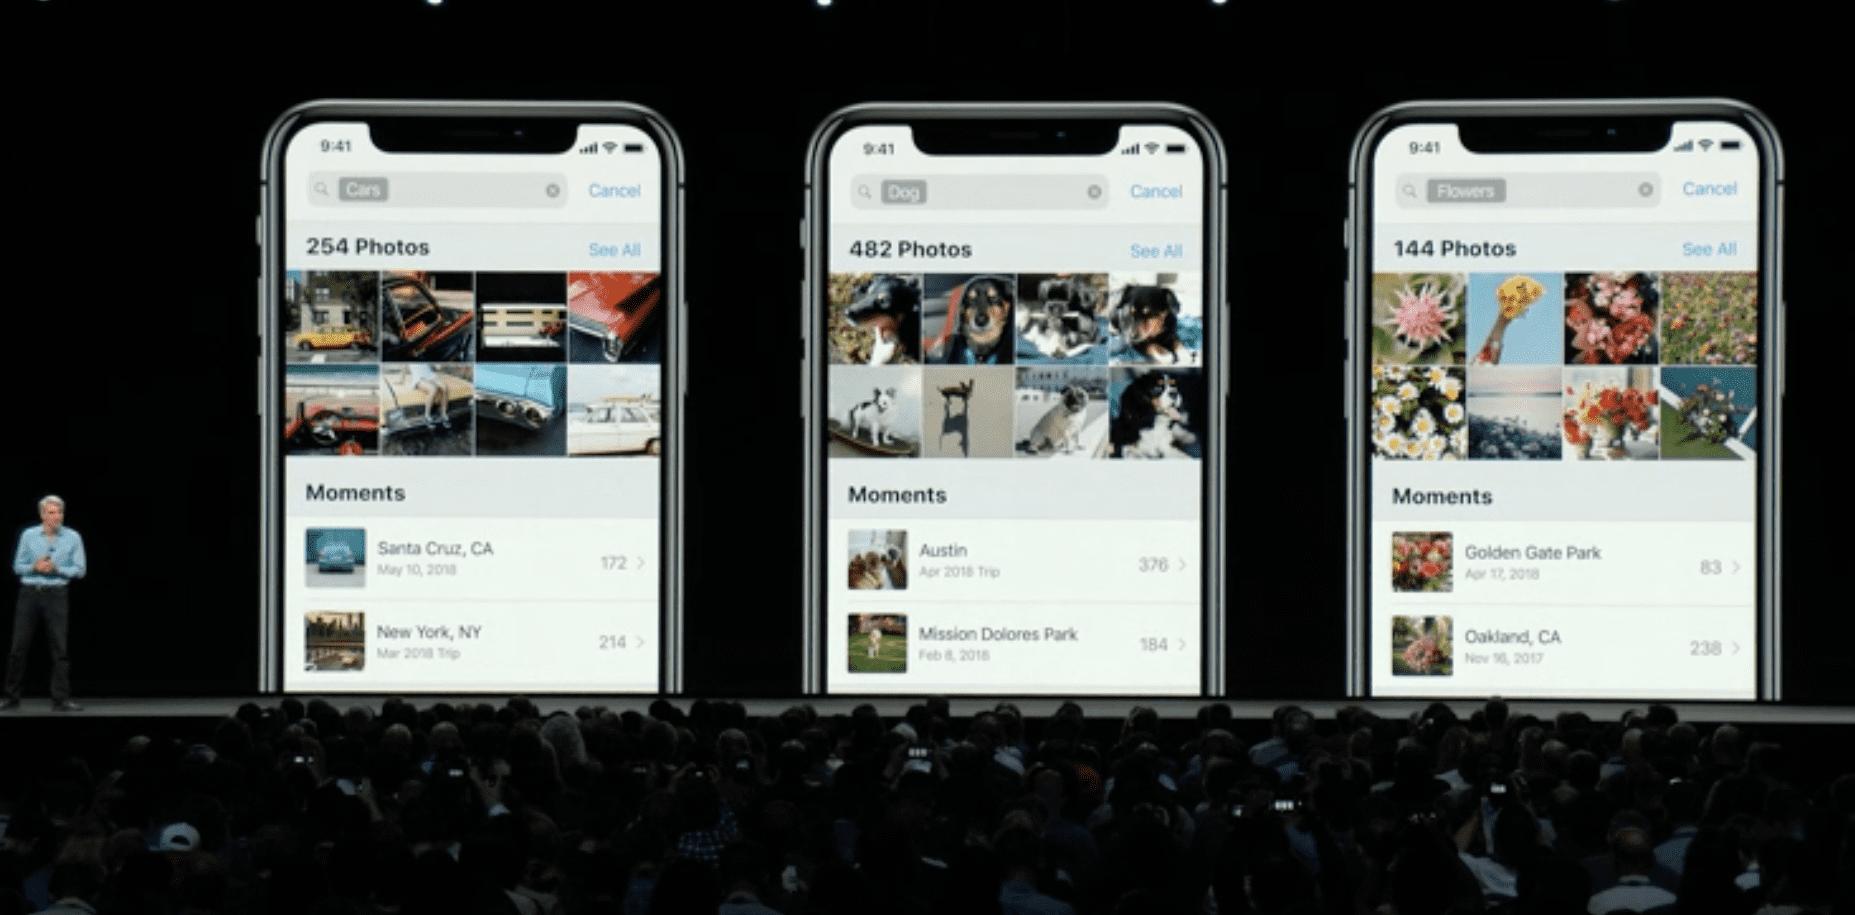 iOS Search Photos